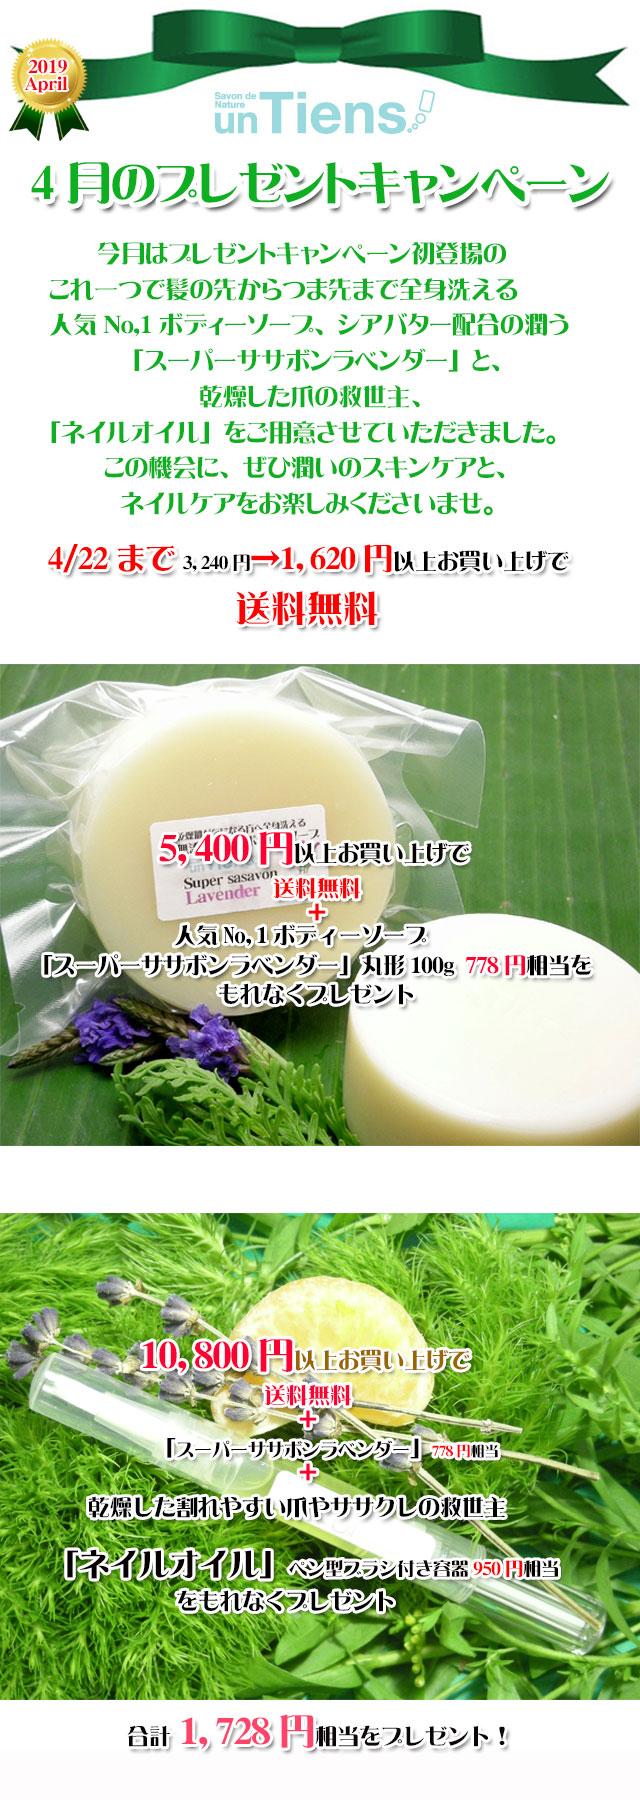 オーガニック化粧品手作り石鹸アンティアン1904今月のキャンペーンtop